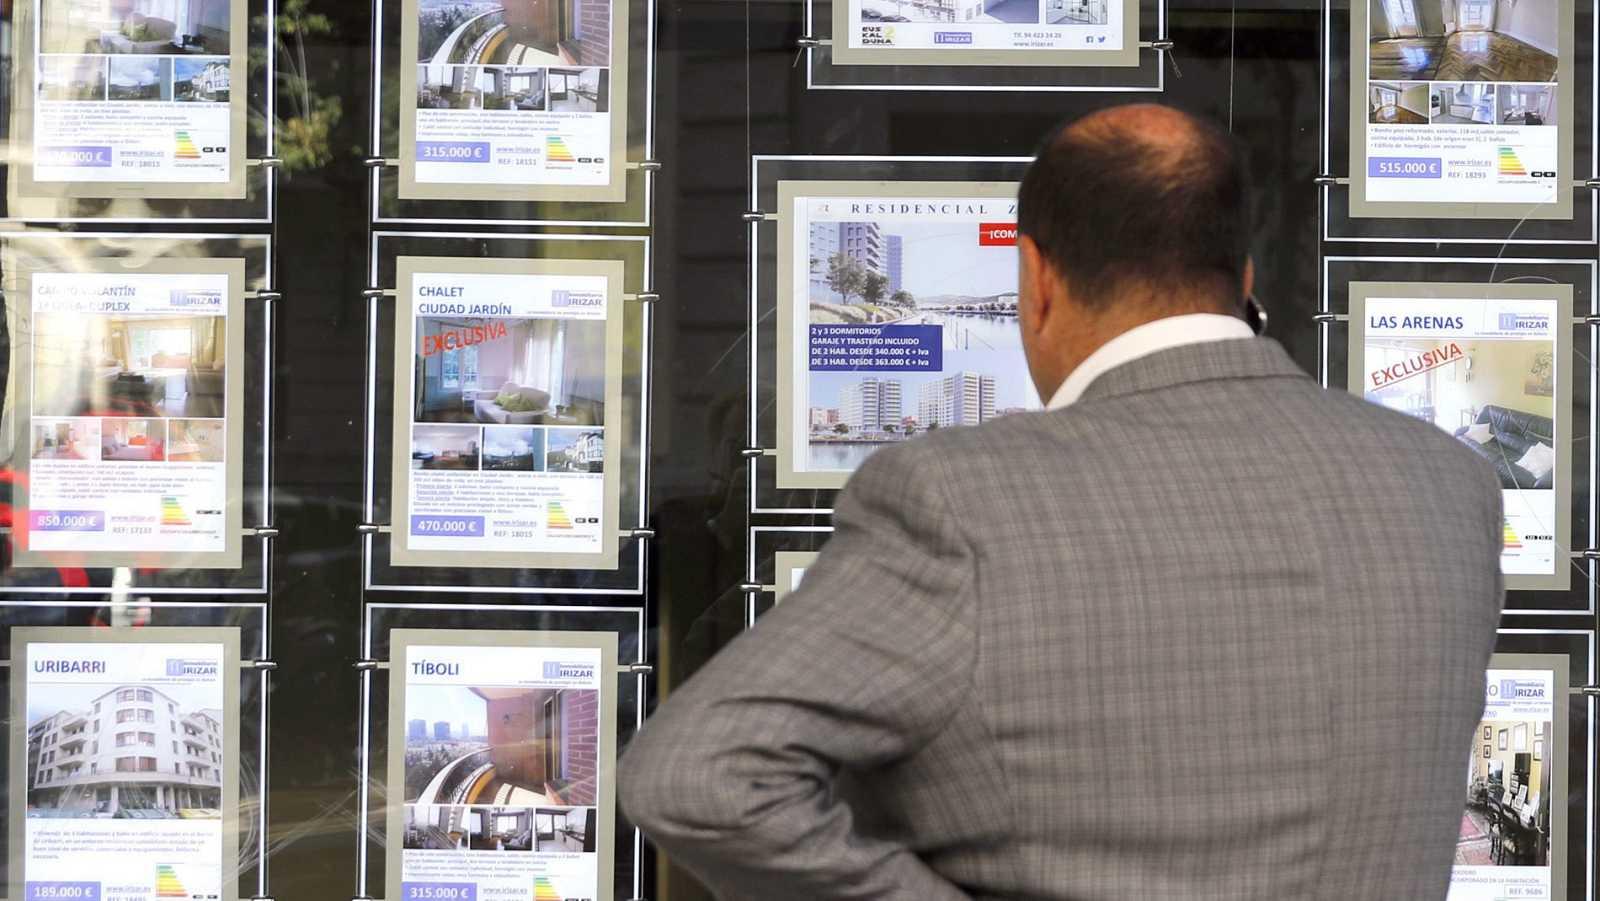 Una persona observa un escaparate de una inmobiliaria en Bilbao.